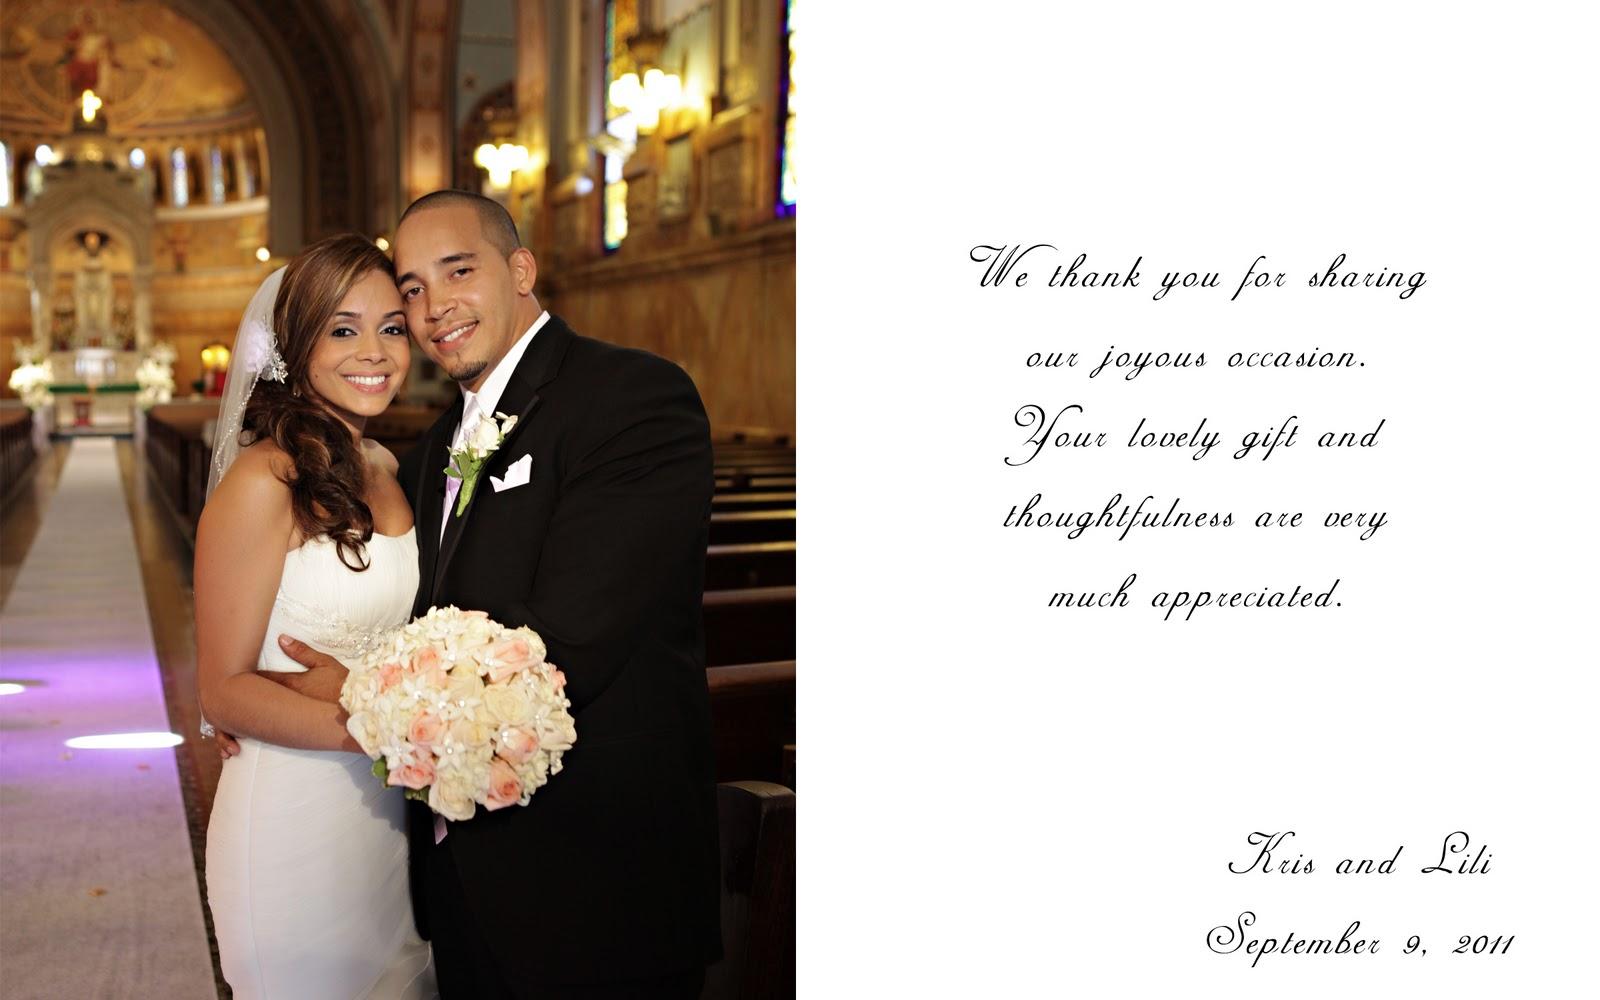 Wedding Photography and Cinematography Wedding thank you card sample – Thank You Cards Wedding Photo